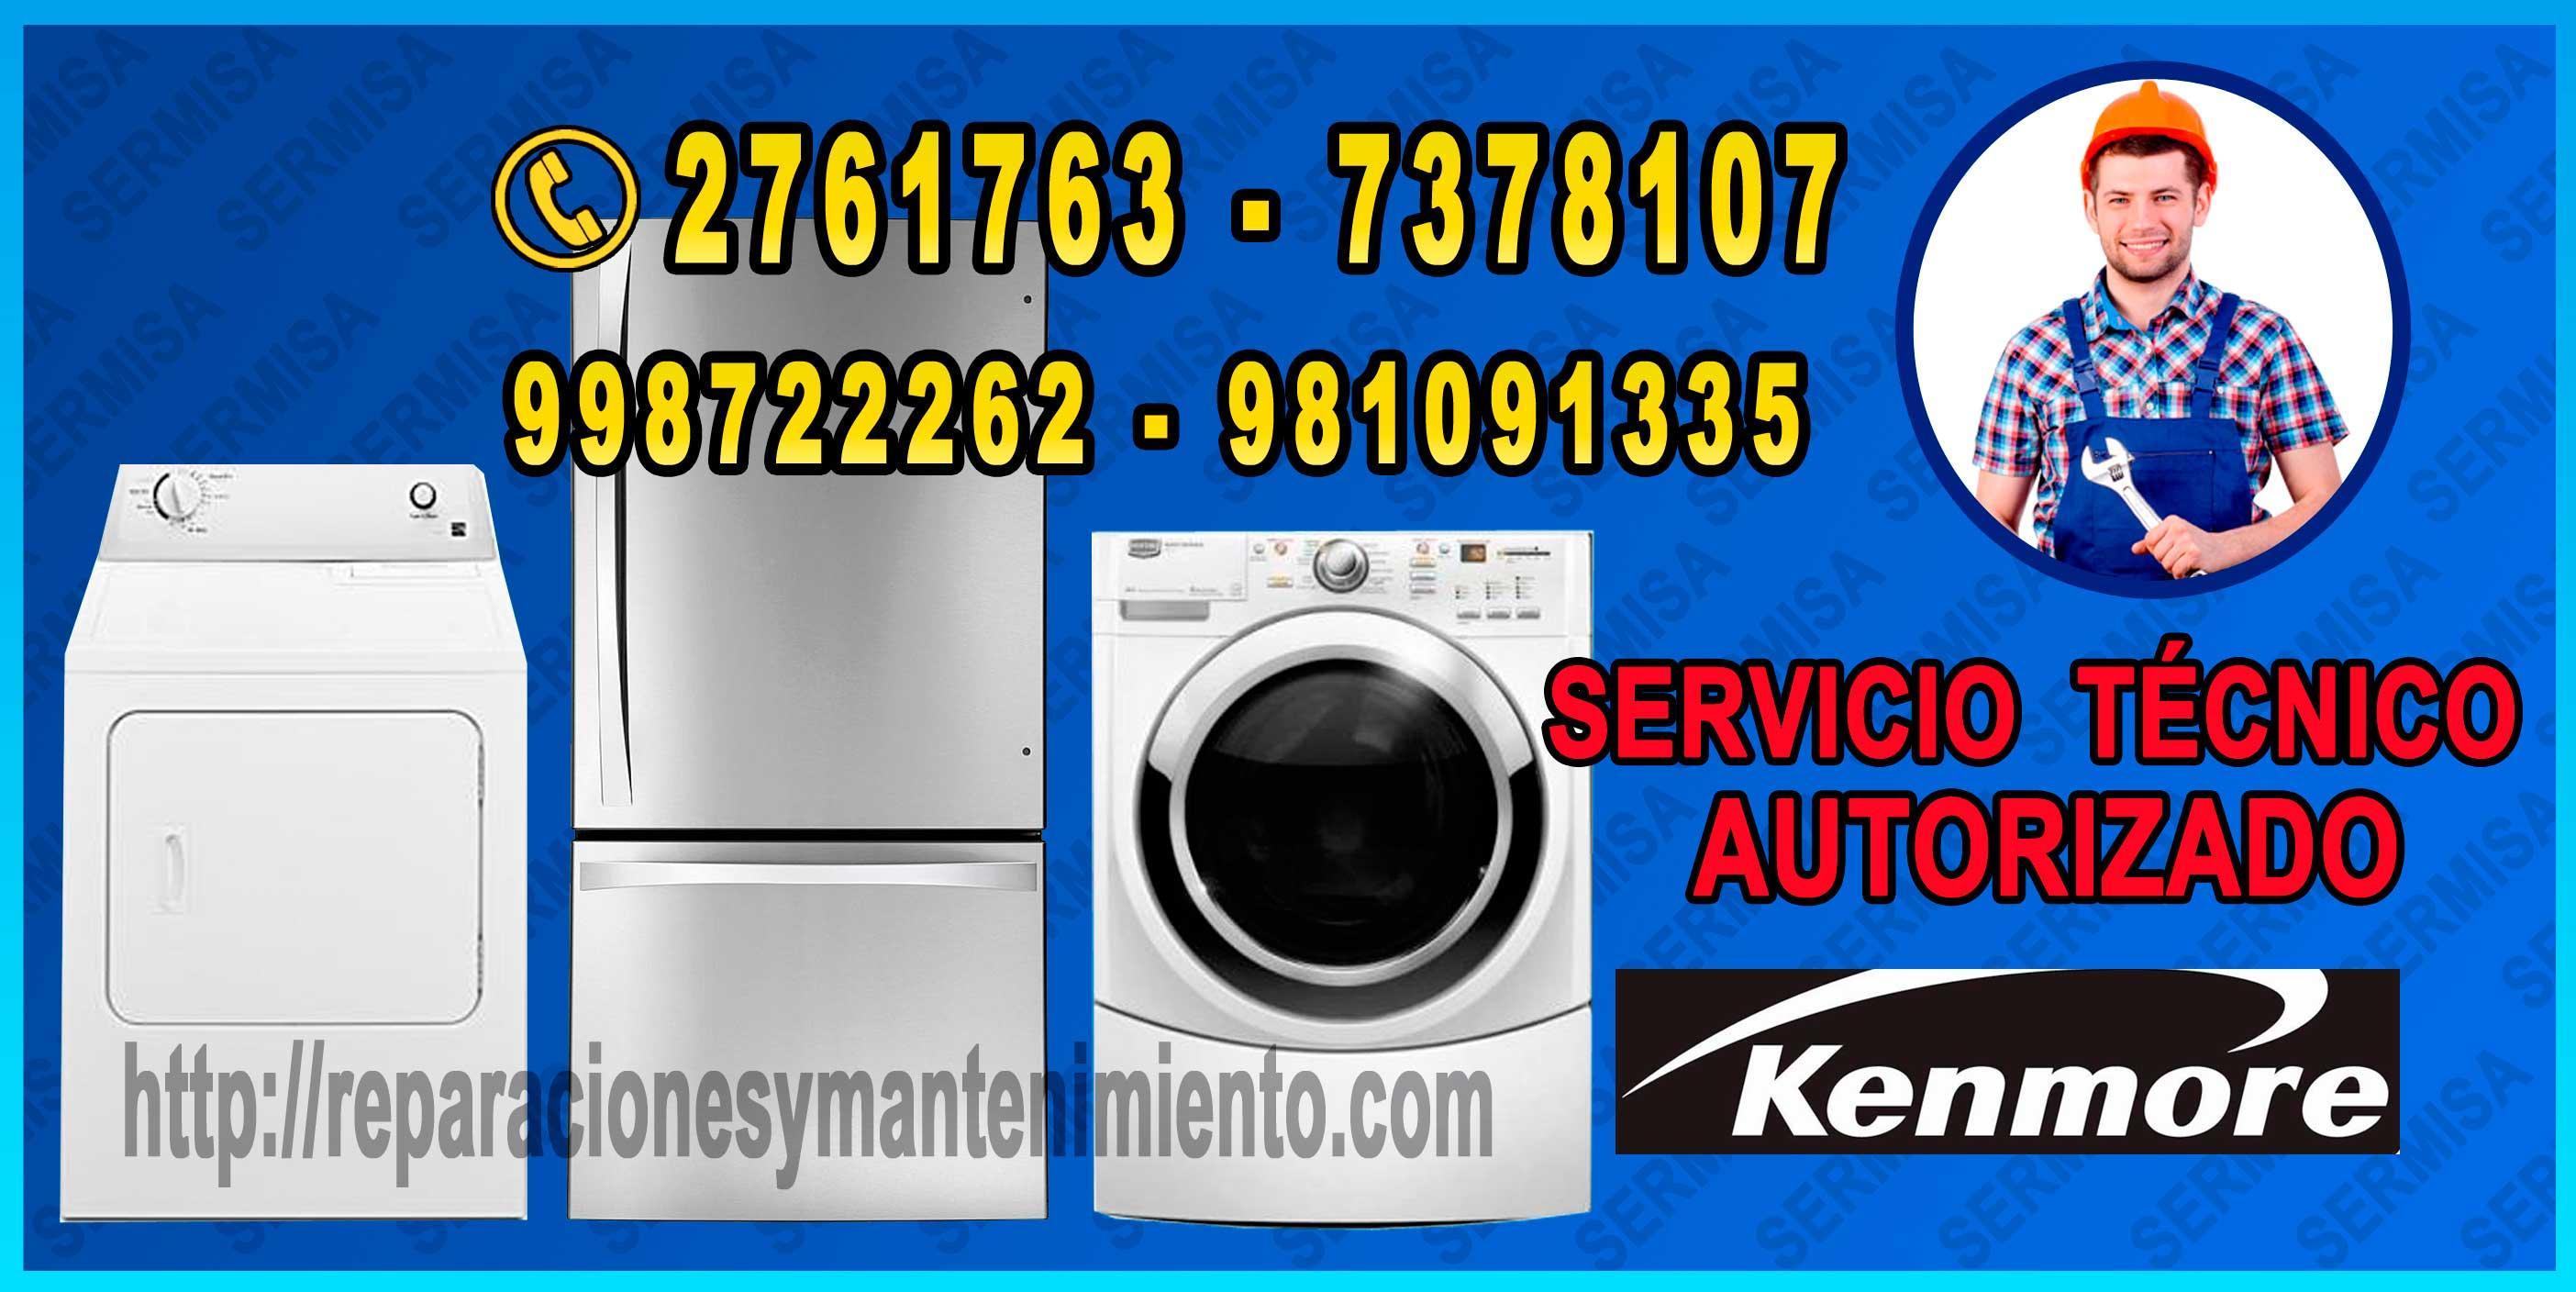 Sermitec Perú- Técnicos de LAVADORAS Kenmore-7378107 en Lince